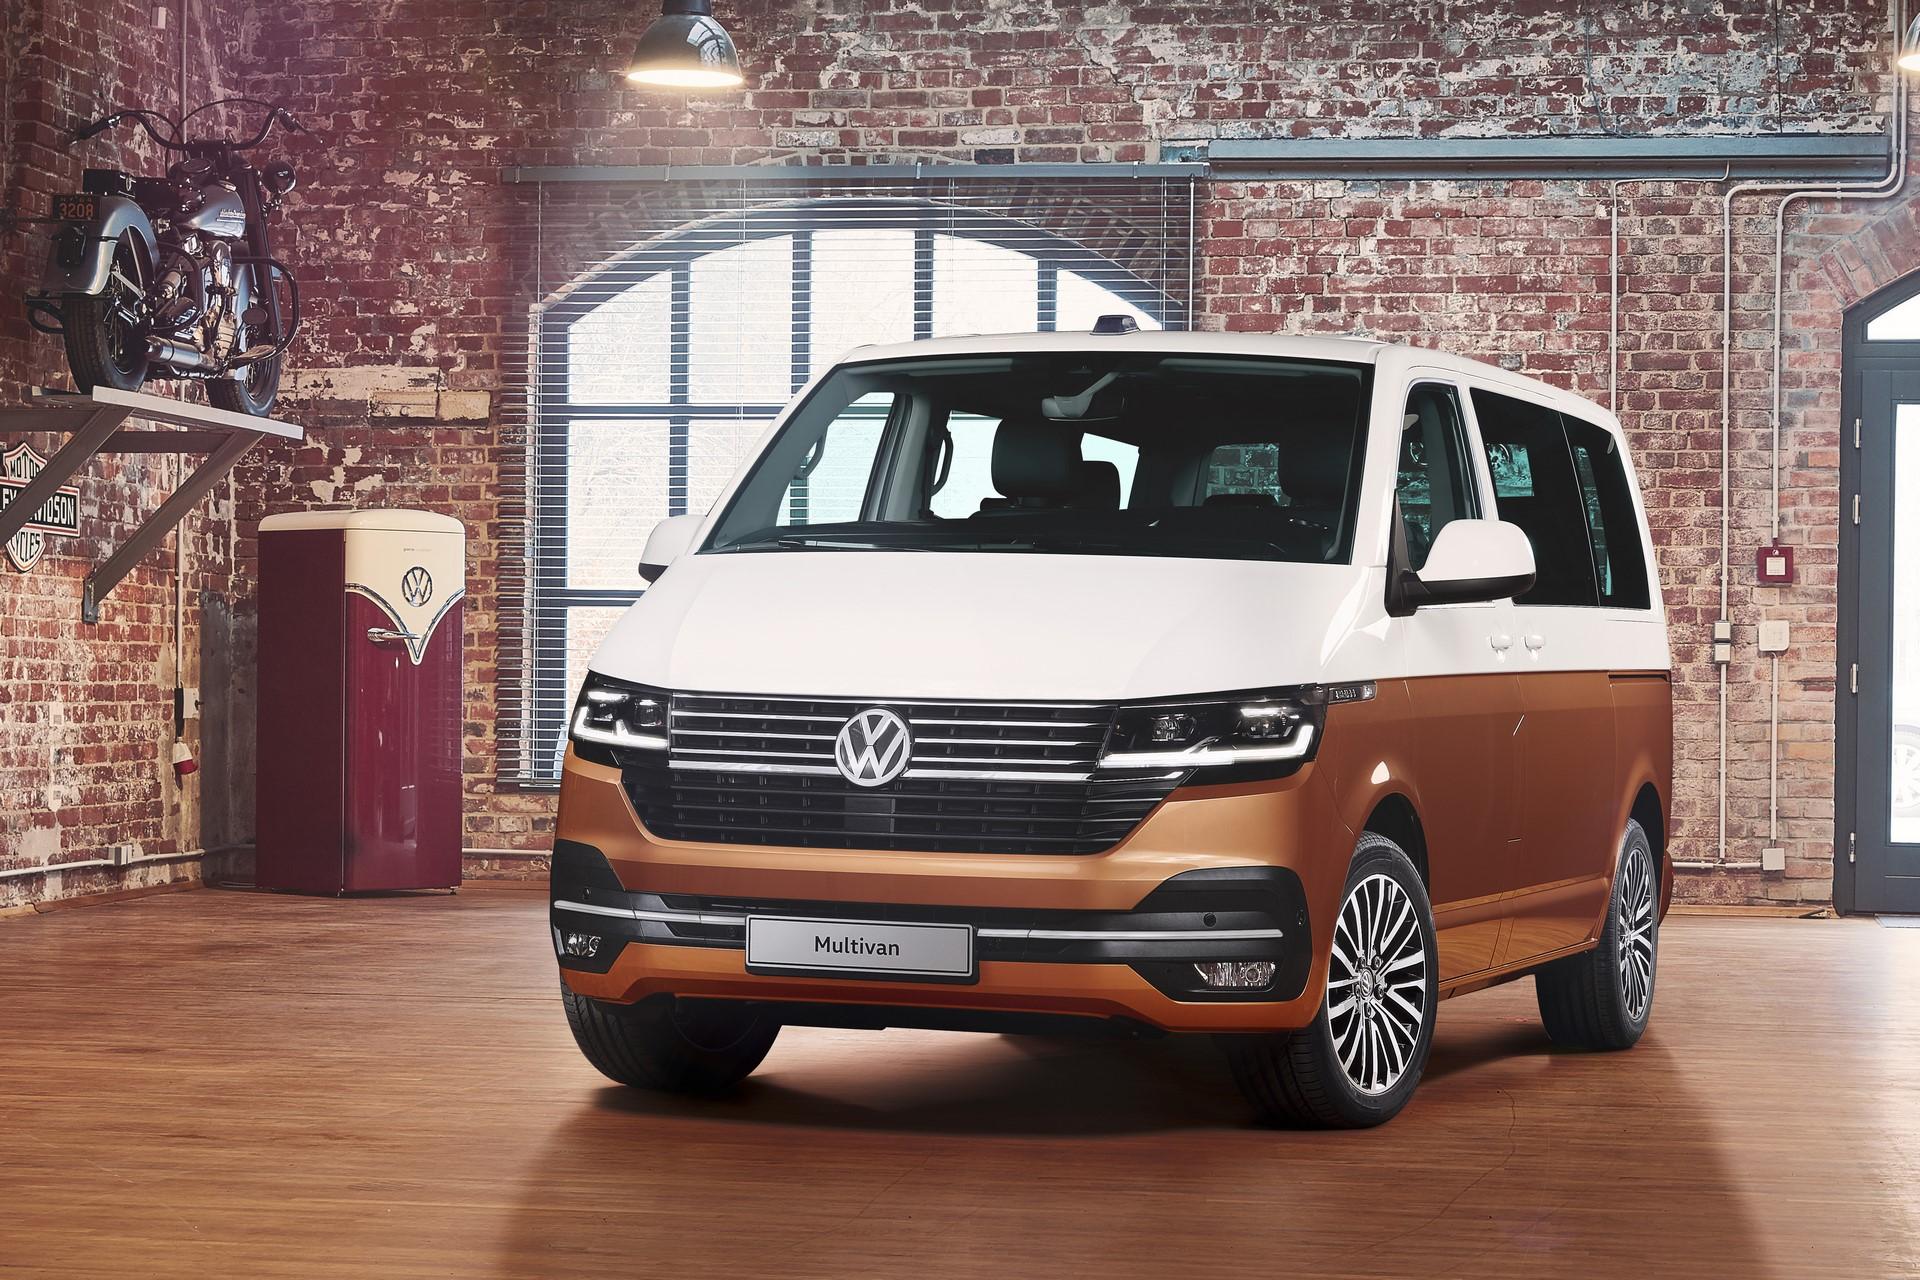 Volkswagen Multivan 6.1 2019 (1)